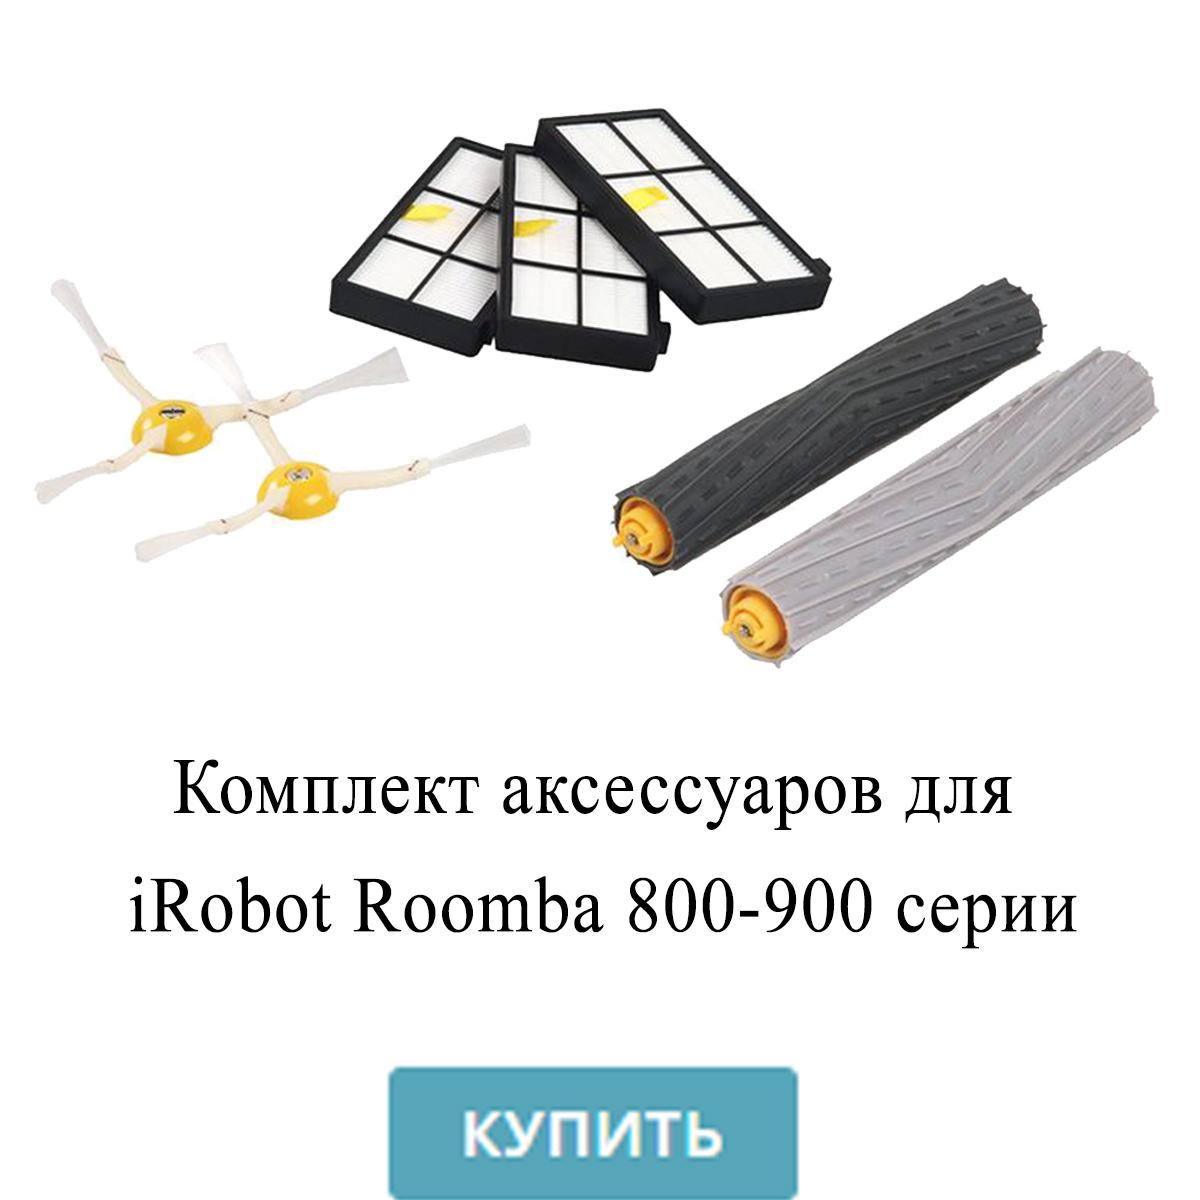 КОМПЛЕКТ АКСЕССУАРОВ ДЛЯ ROOMBA 800-900 СЕРИИ